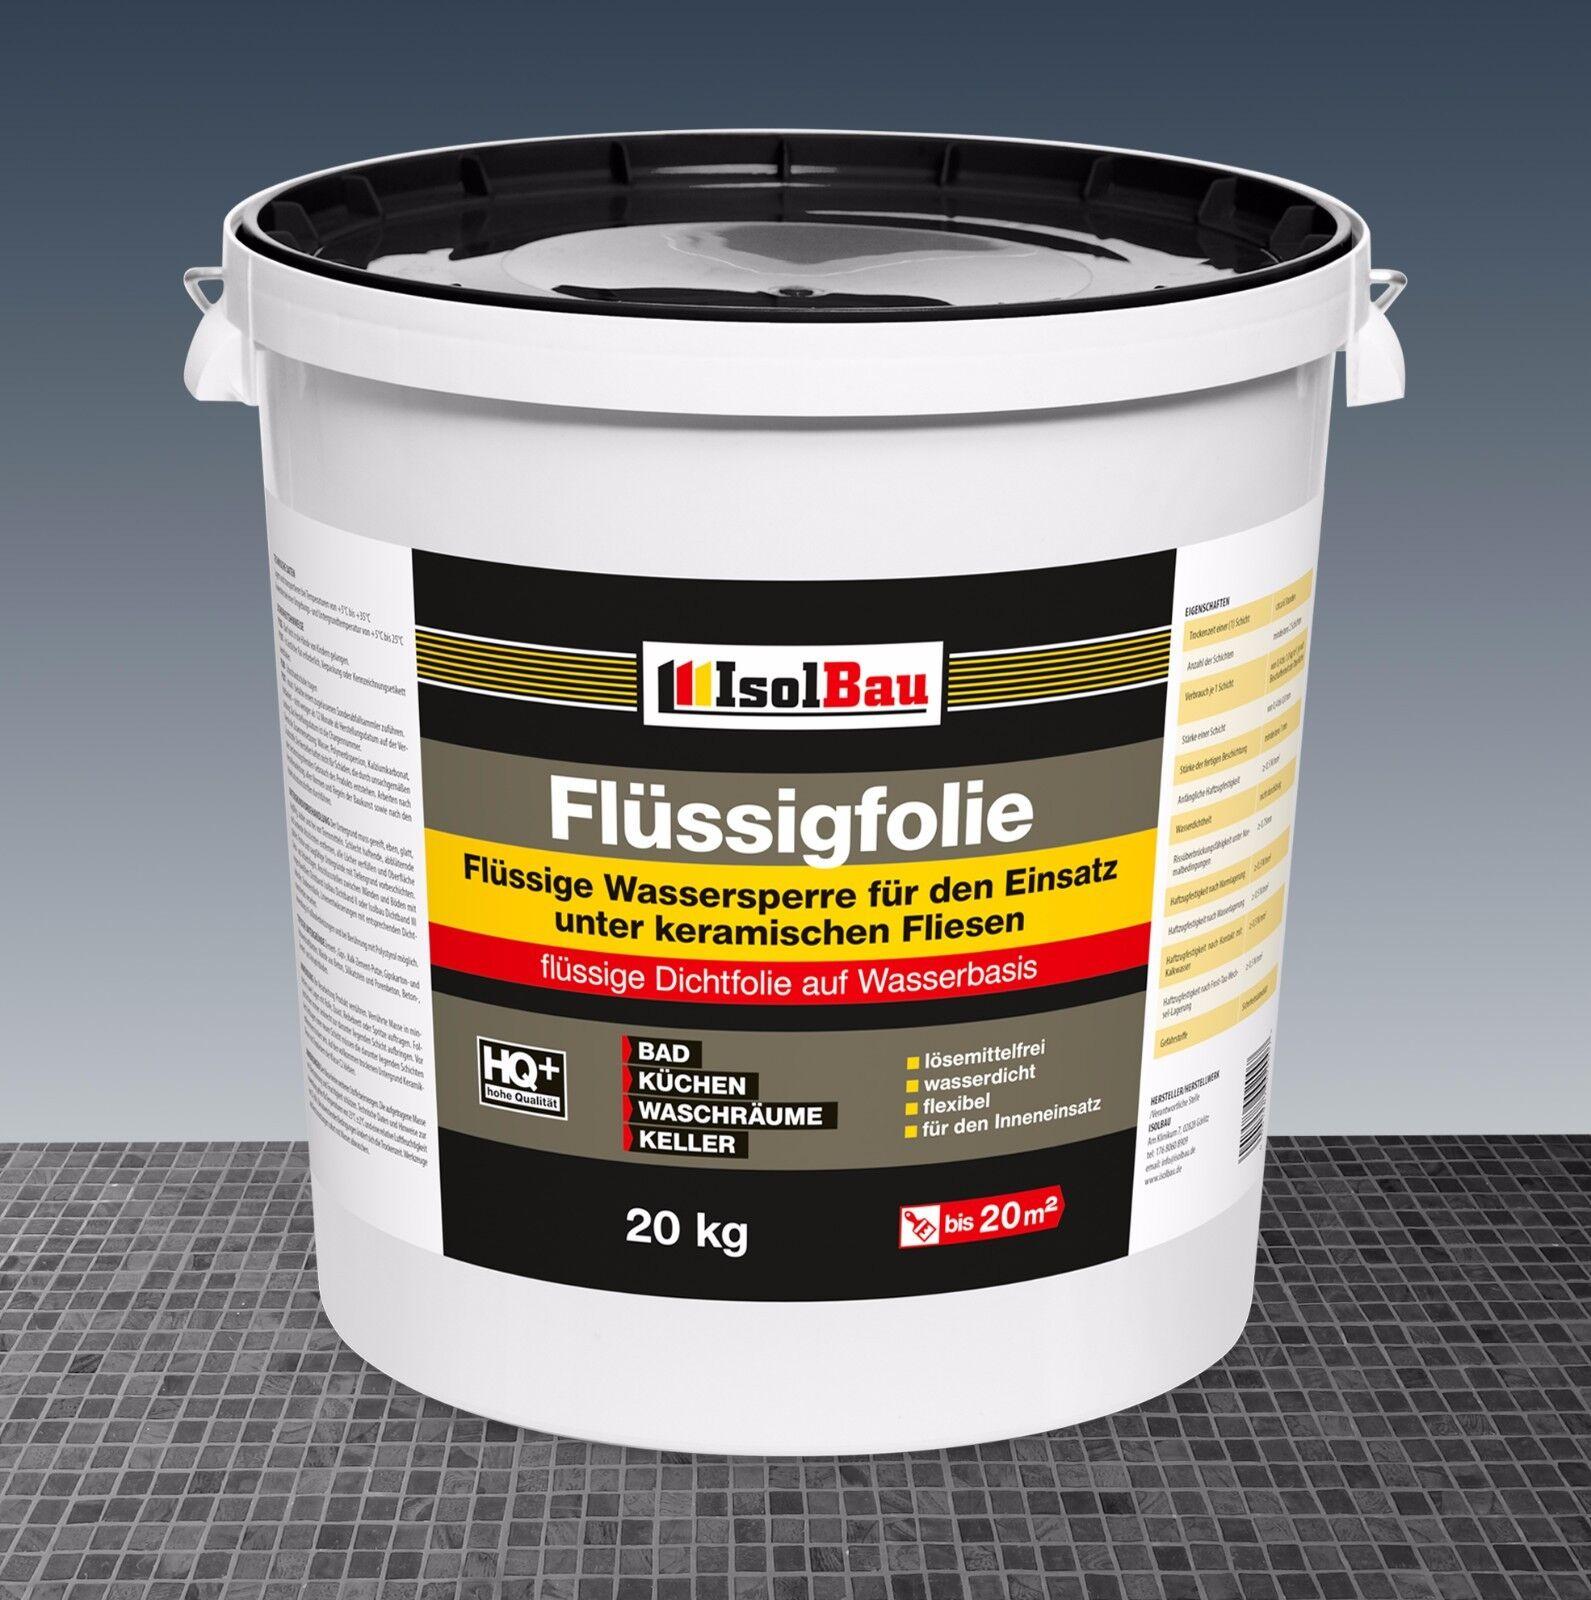 Flüssigfolie 20 kg Dichtfolie Duschelement Sanitärabdichtung Streichfolie Dusche